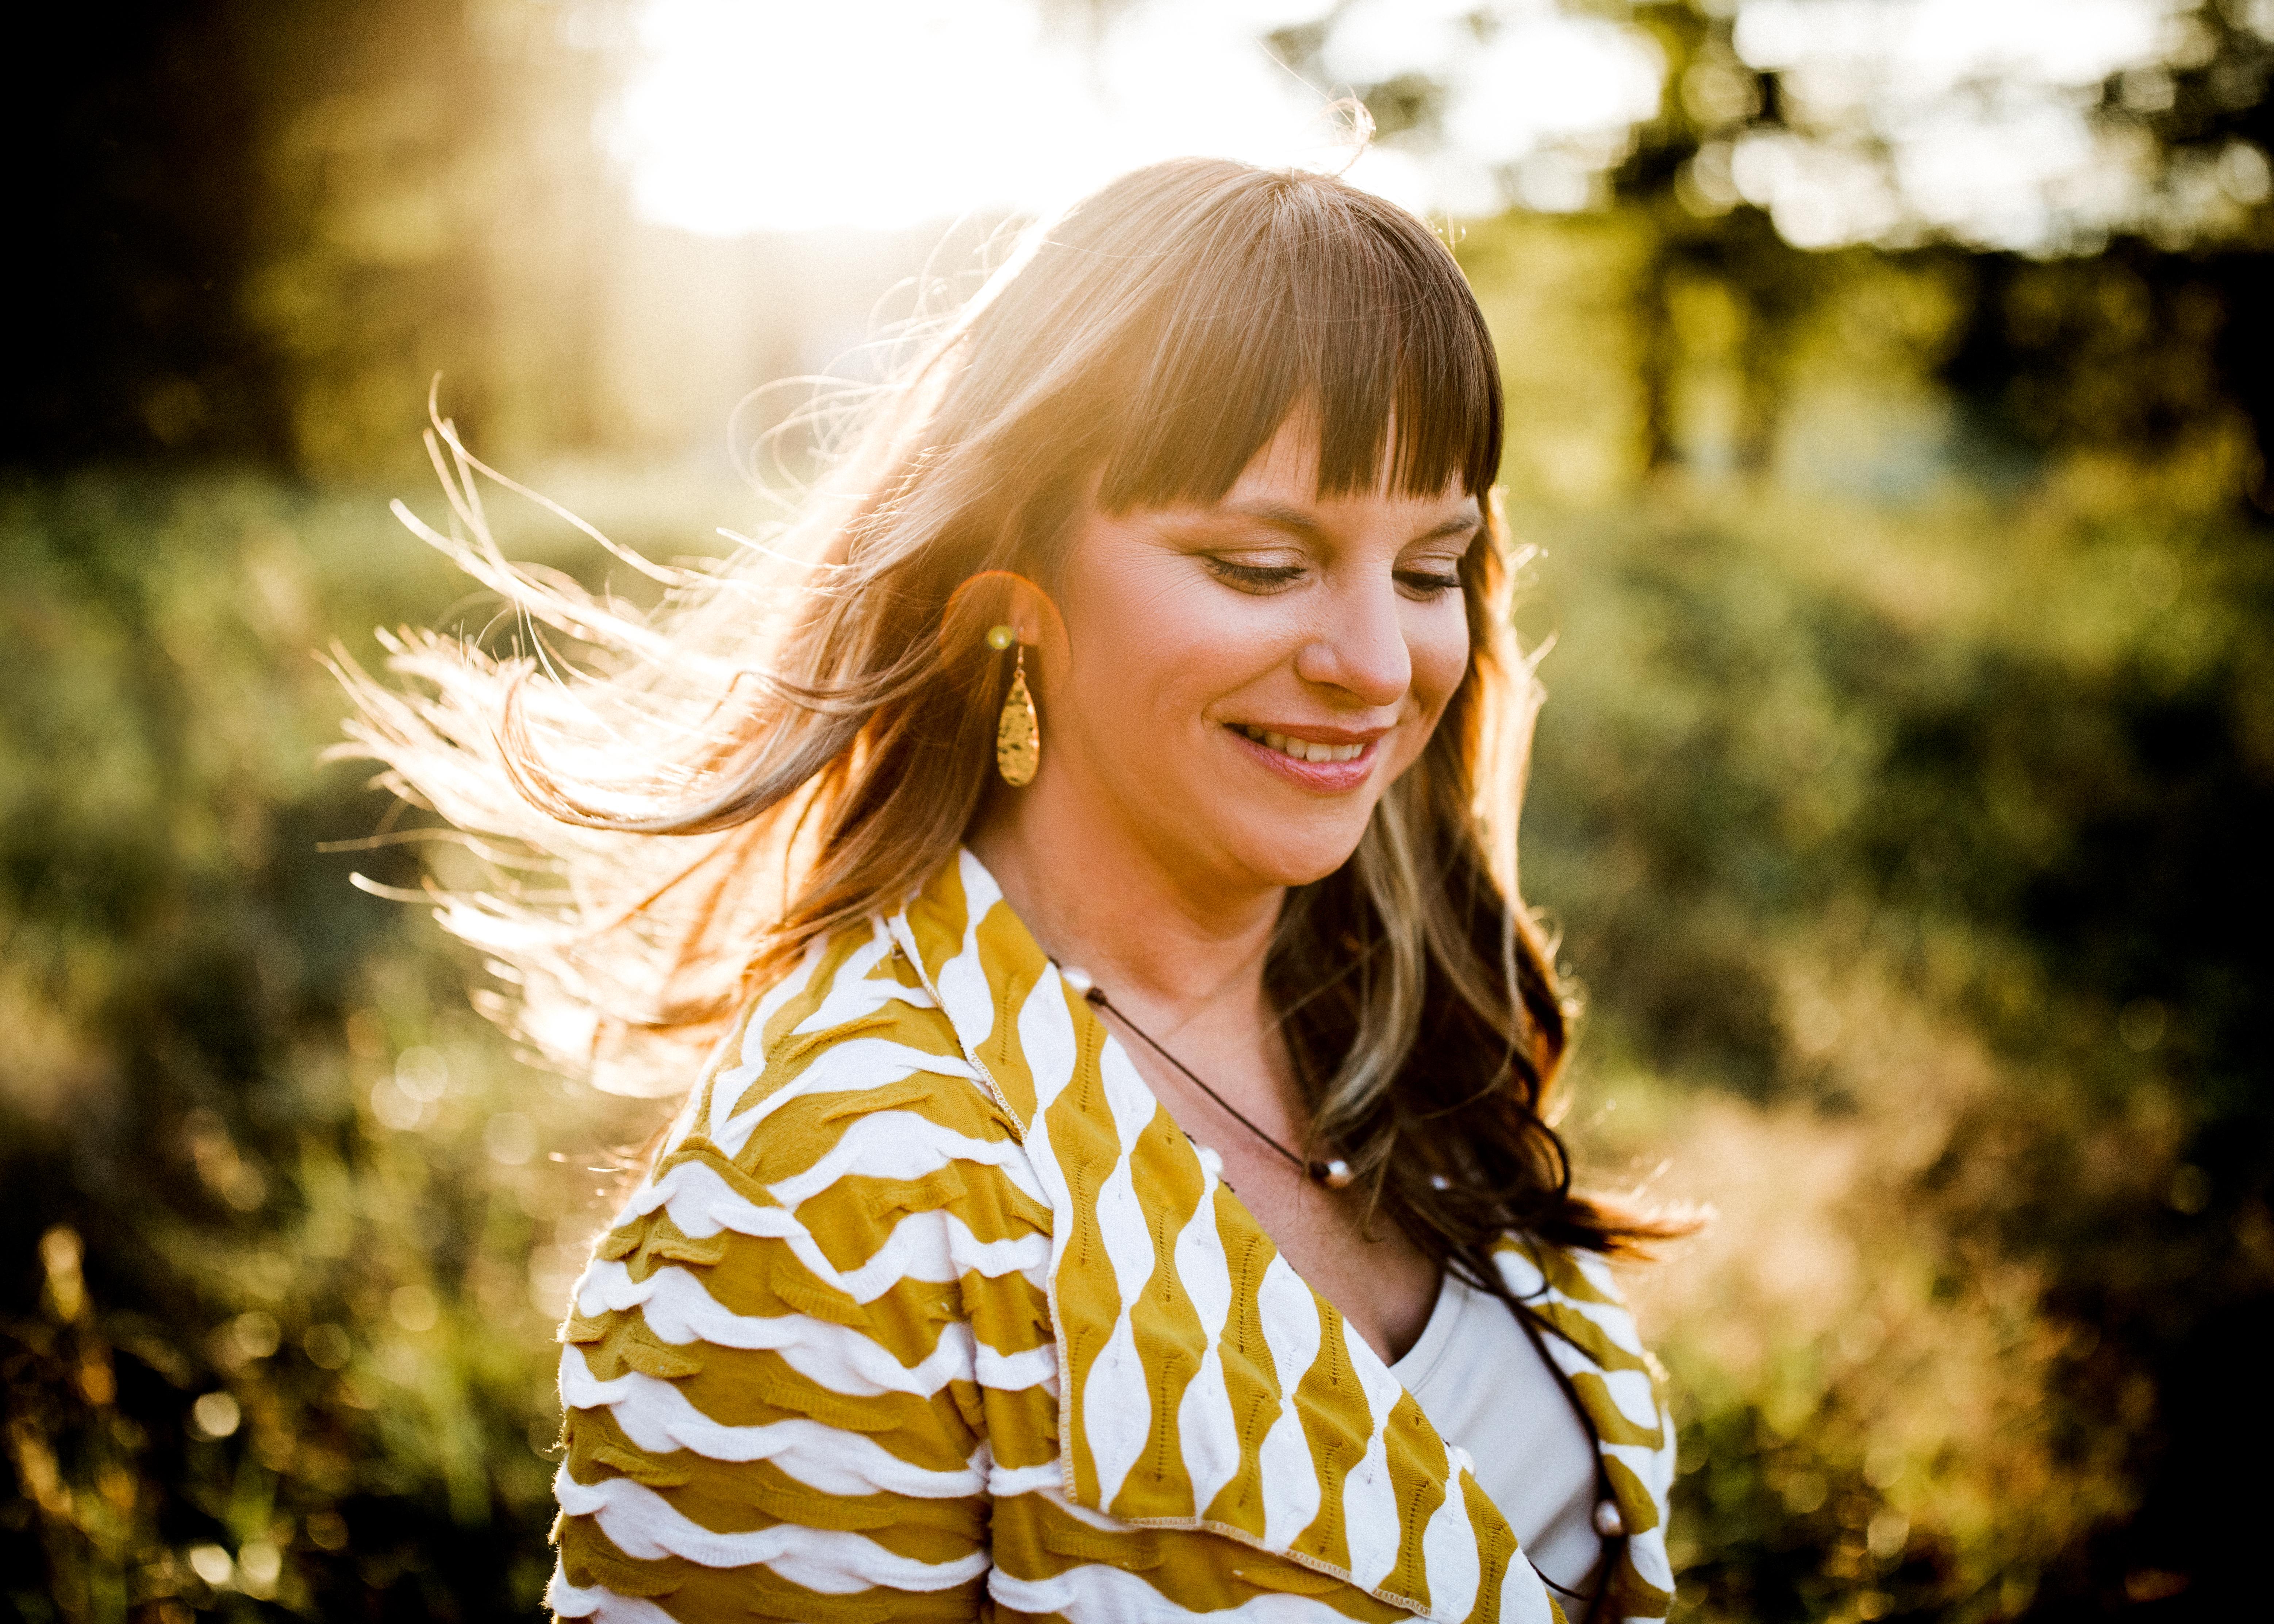 KelseyFarnham-www.kelseyfarnham